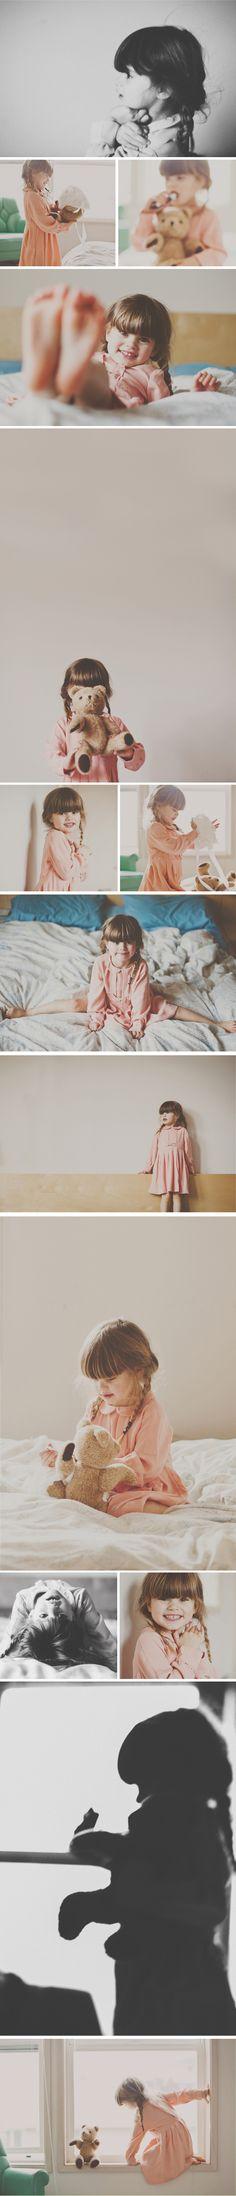 La Petite Peach_The